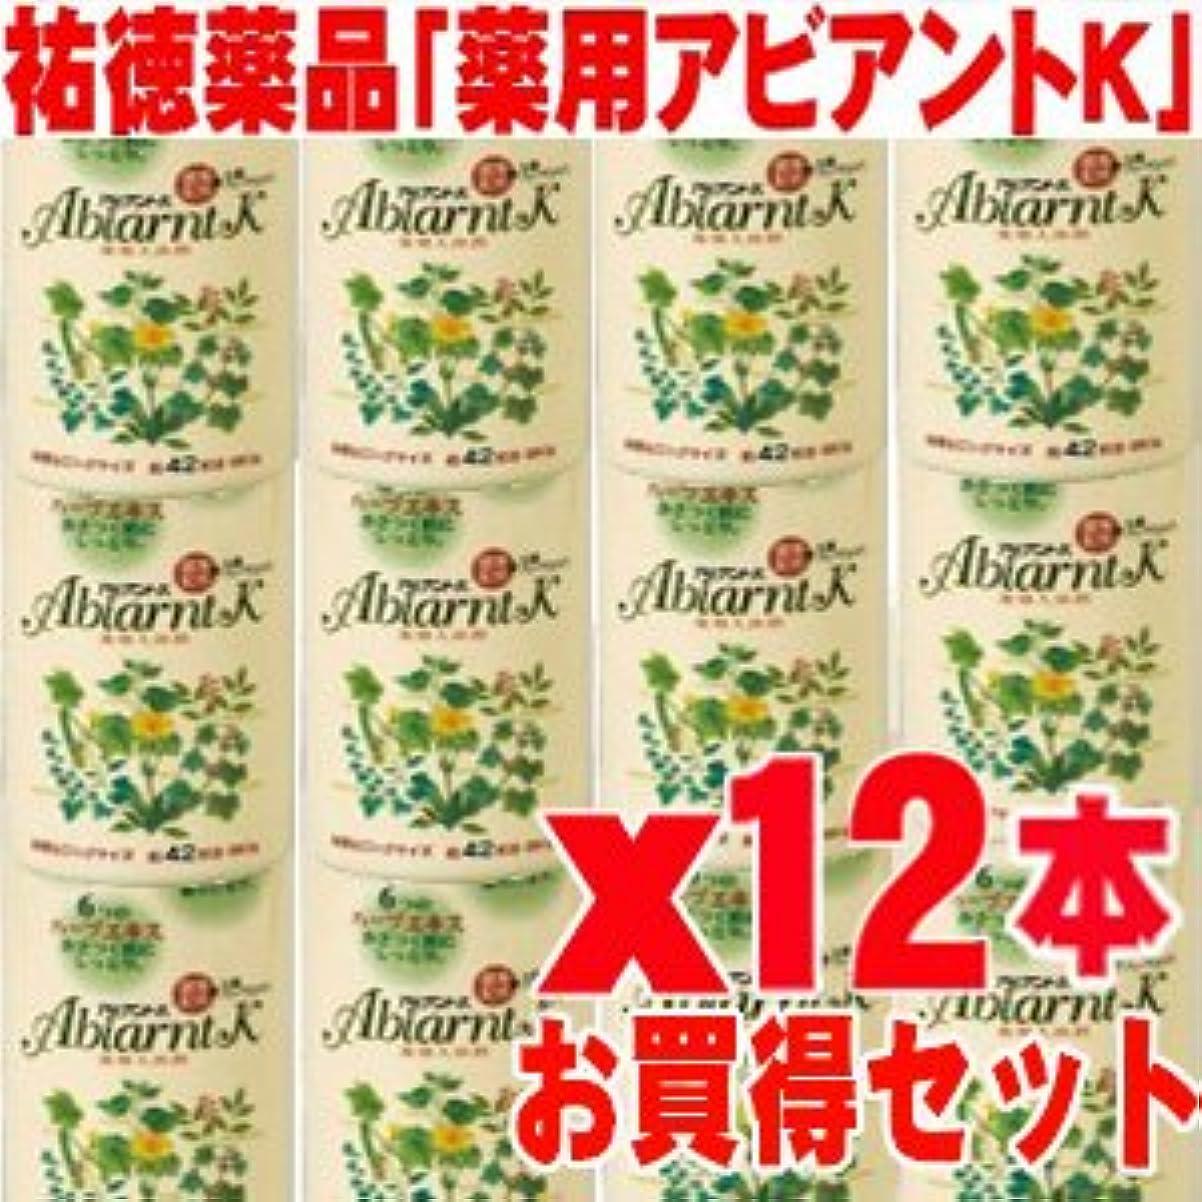 極めてチャレンジ衝突するアビアントK 薬用入浴剤 850gx12本 (総合計10.2kg)4987235024123